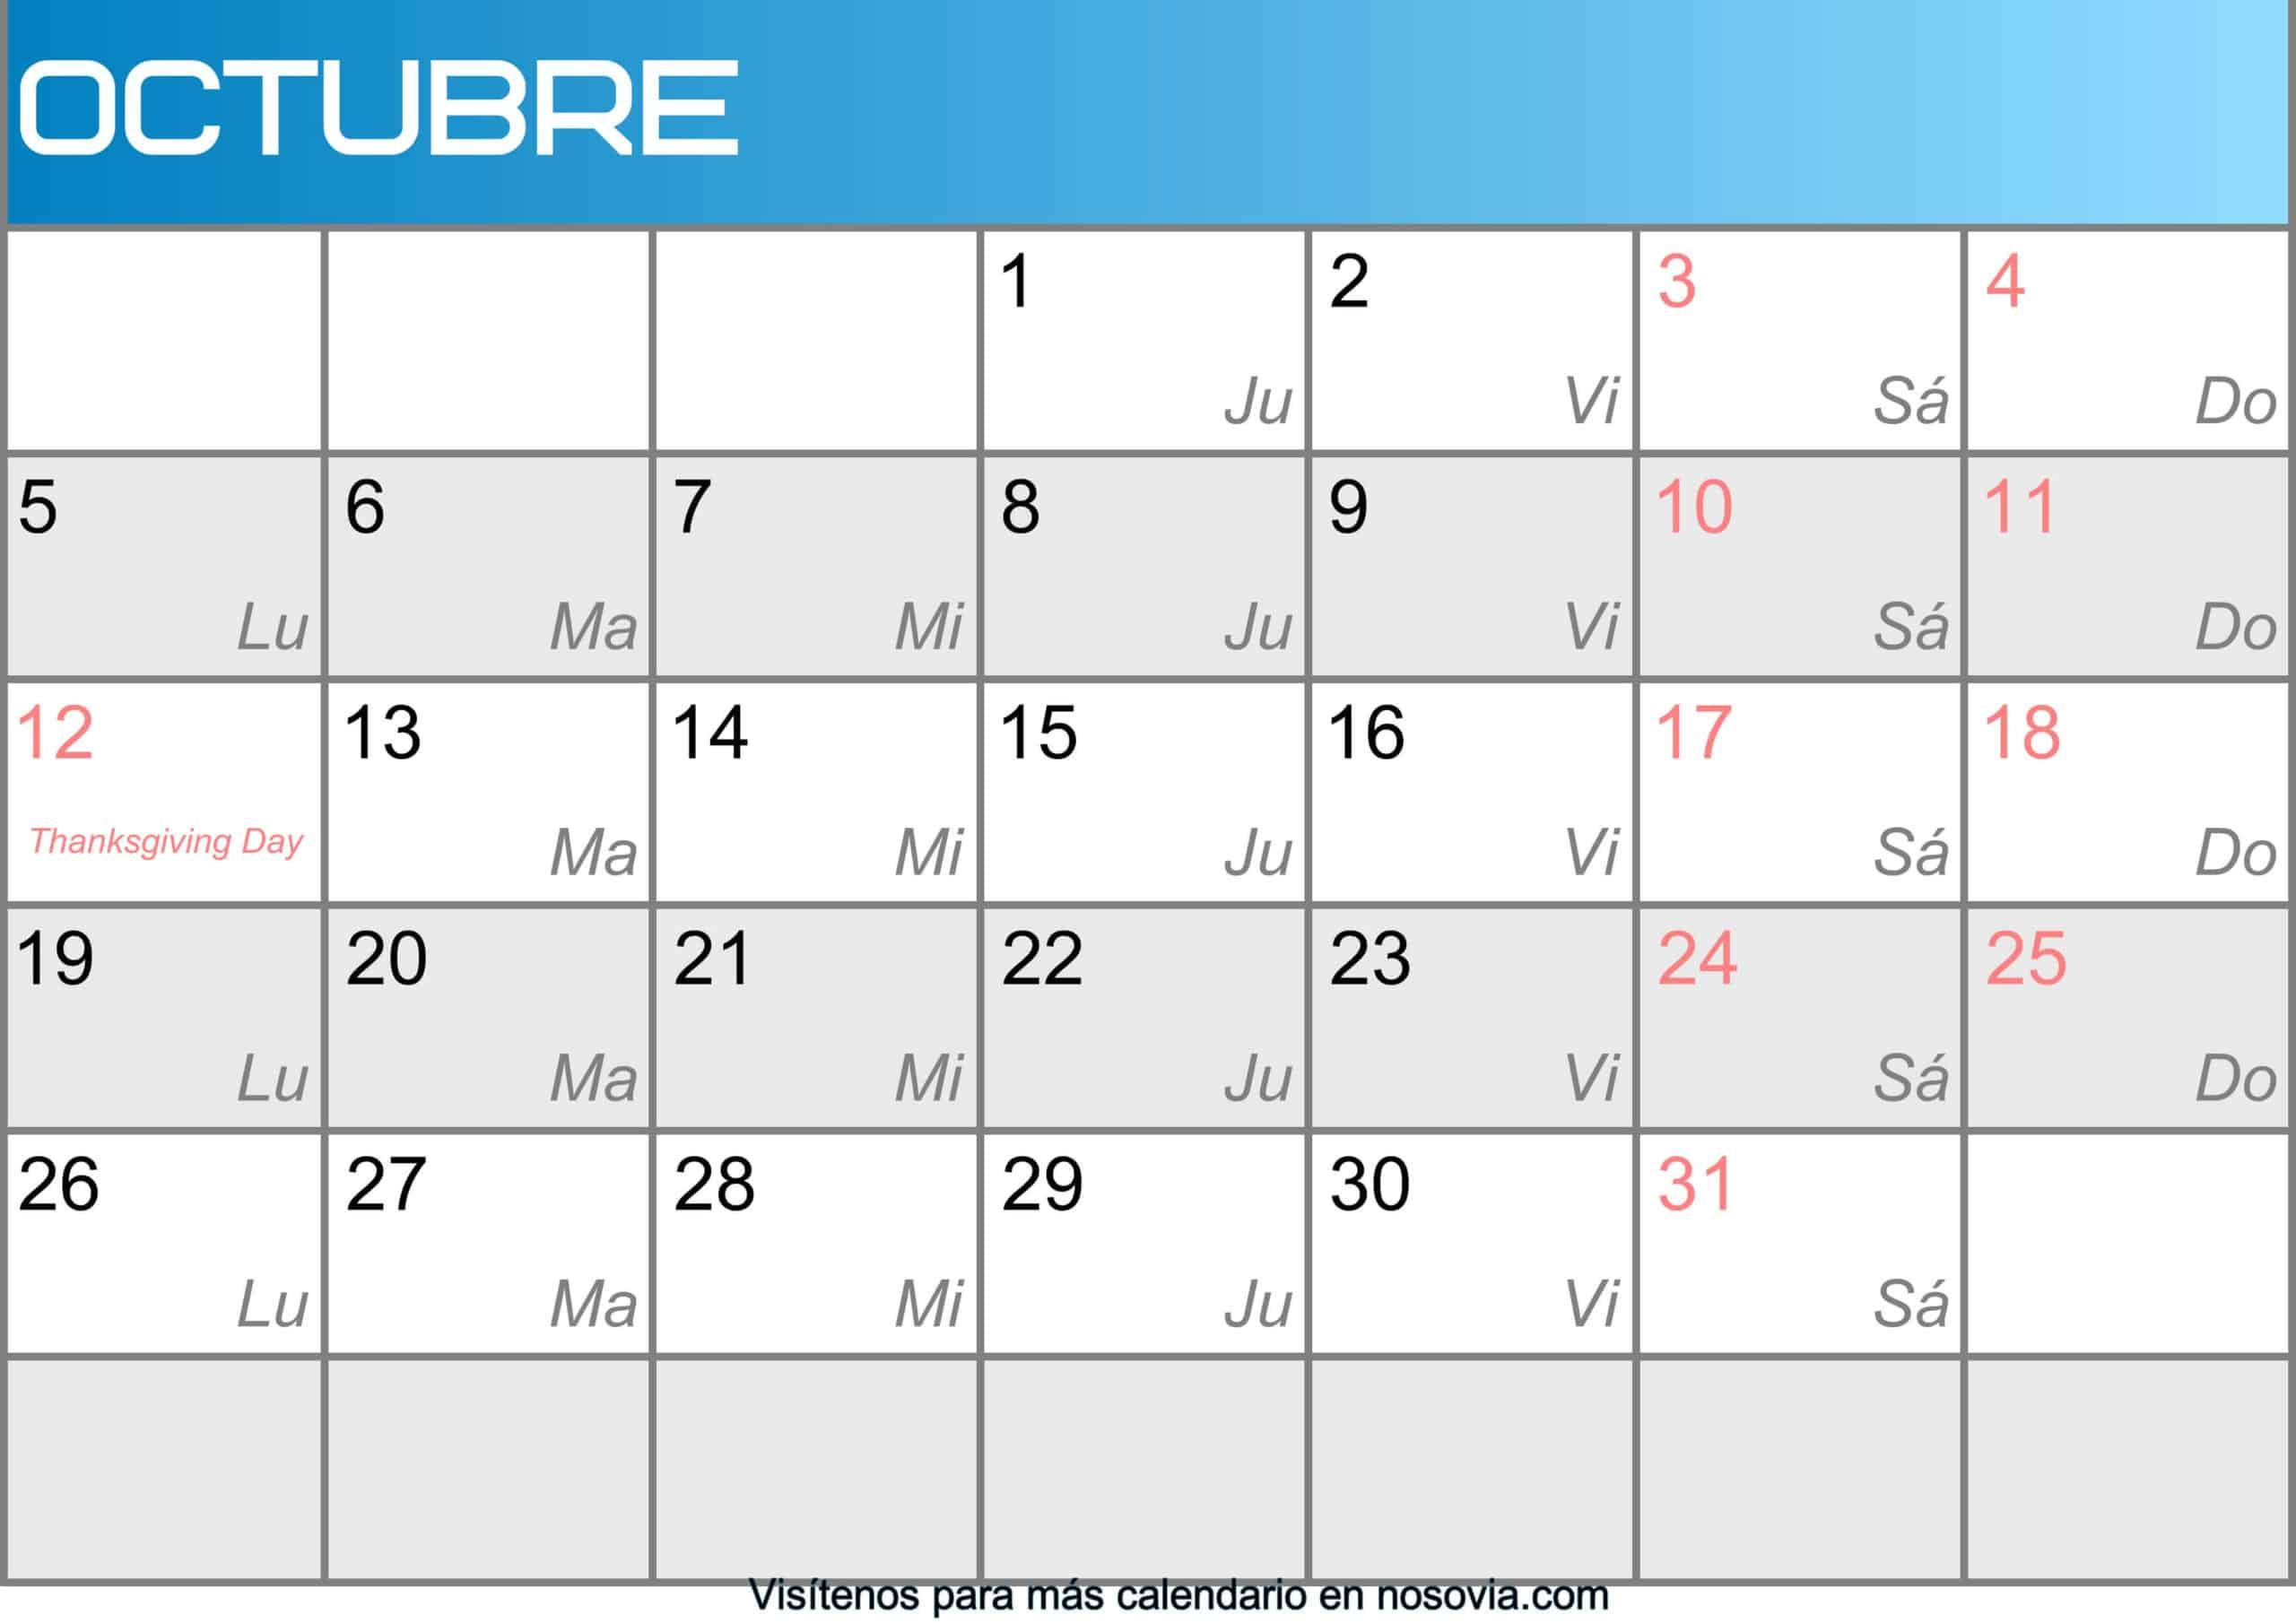 Calendario-octubre-2020-Con-Festivos-Imágenes